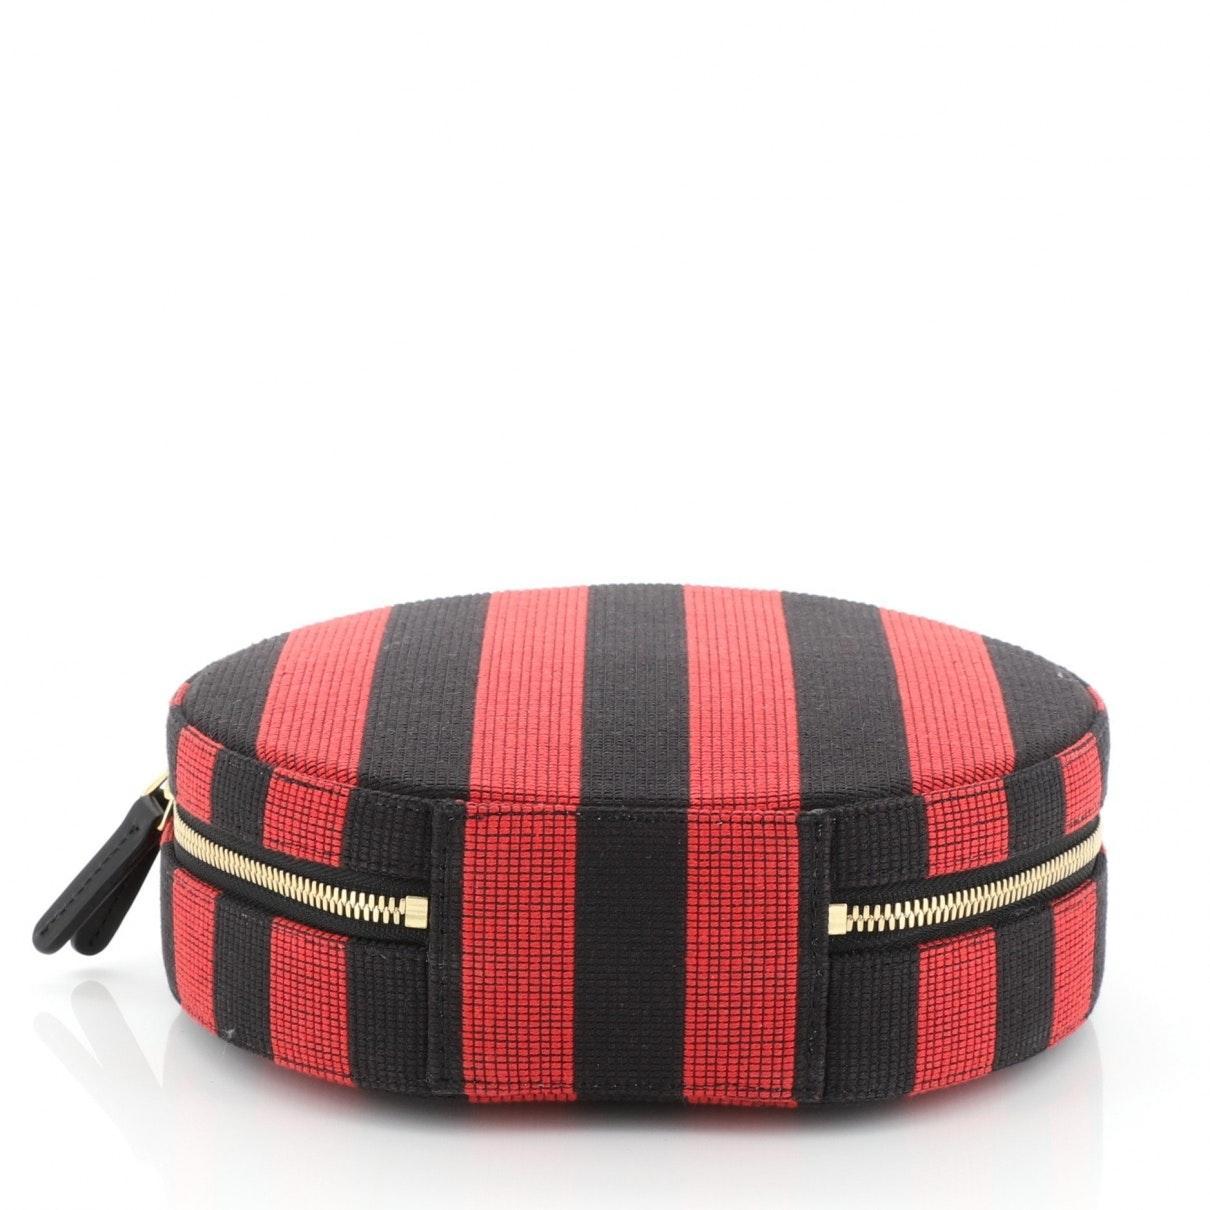 Mansur Gavriel Baumwolle Leder Handtaschen in Schwarz wNn8j